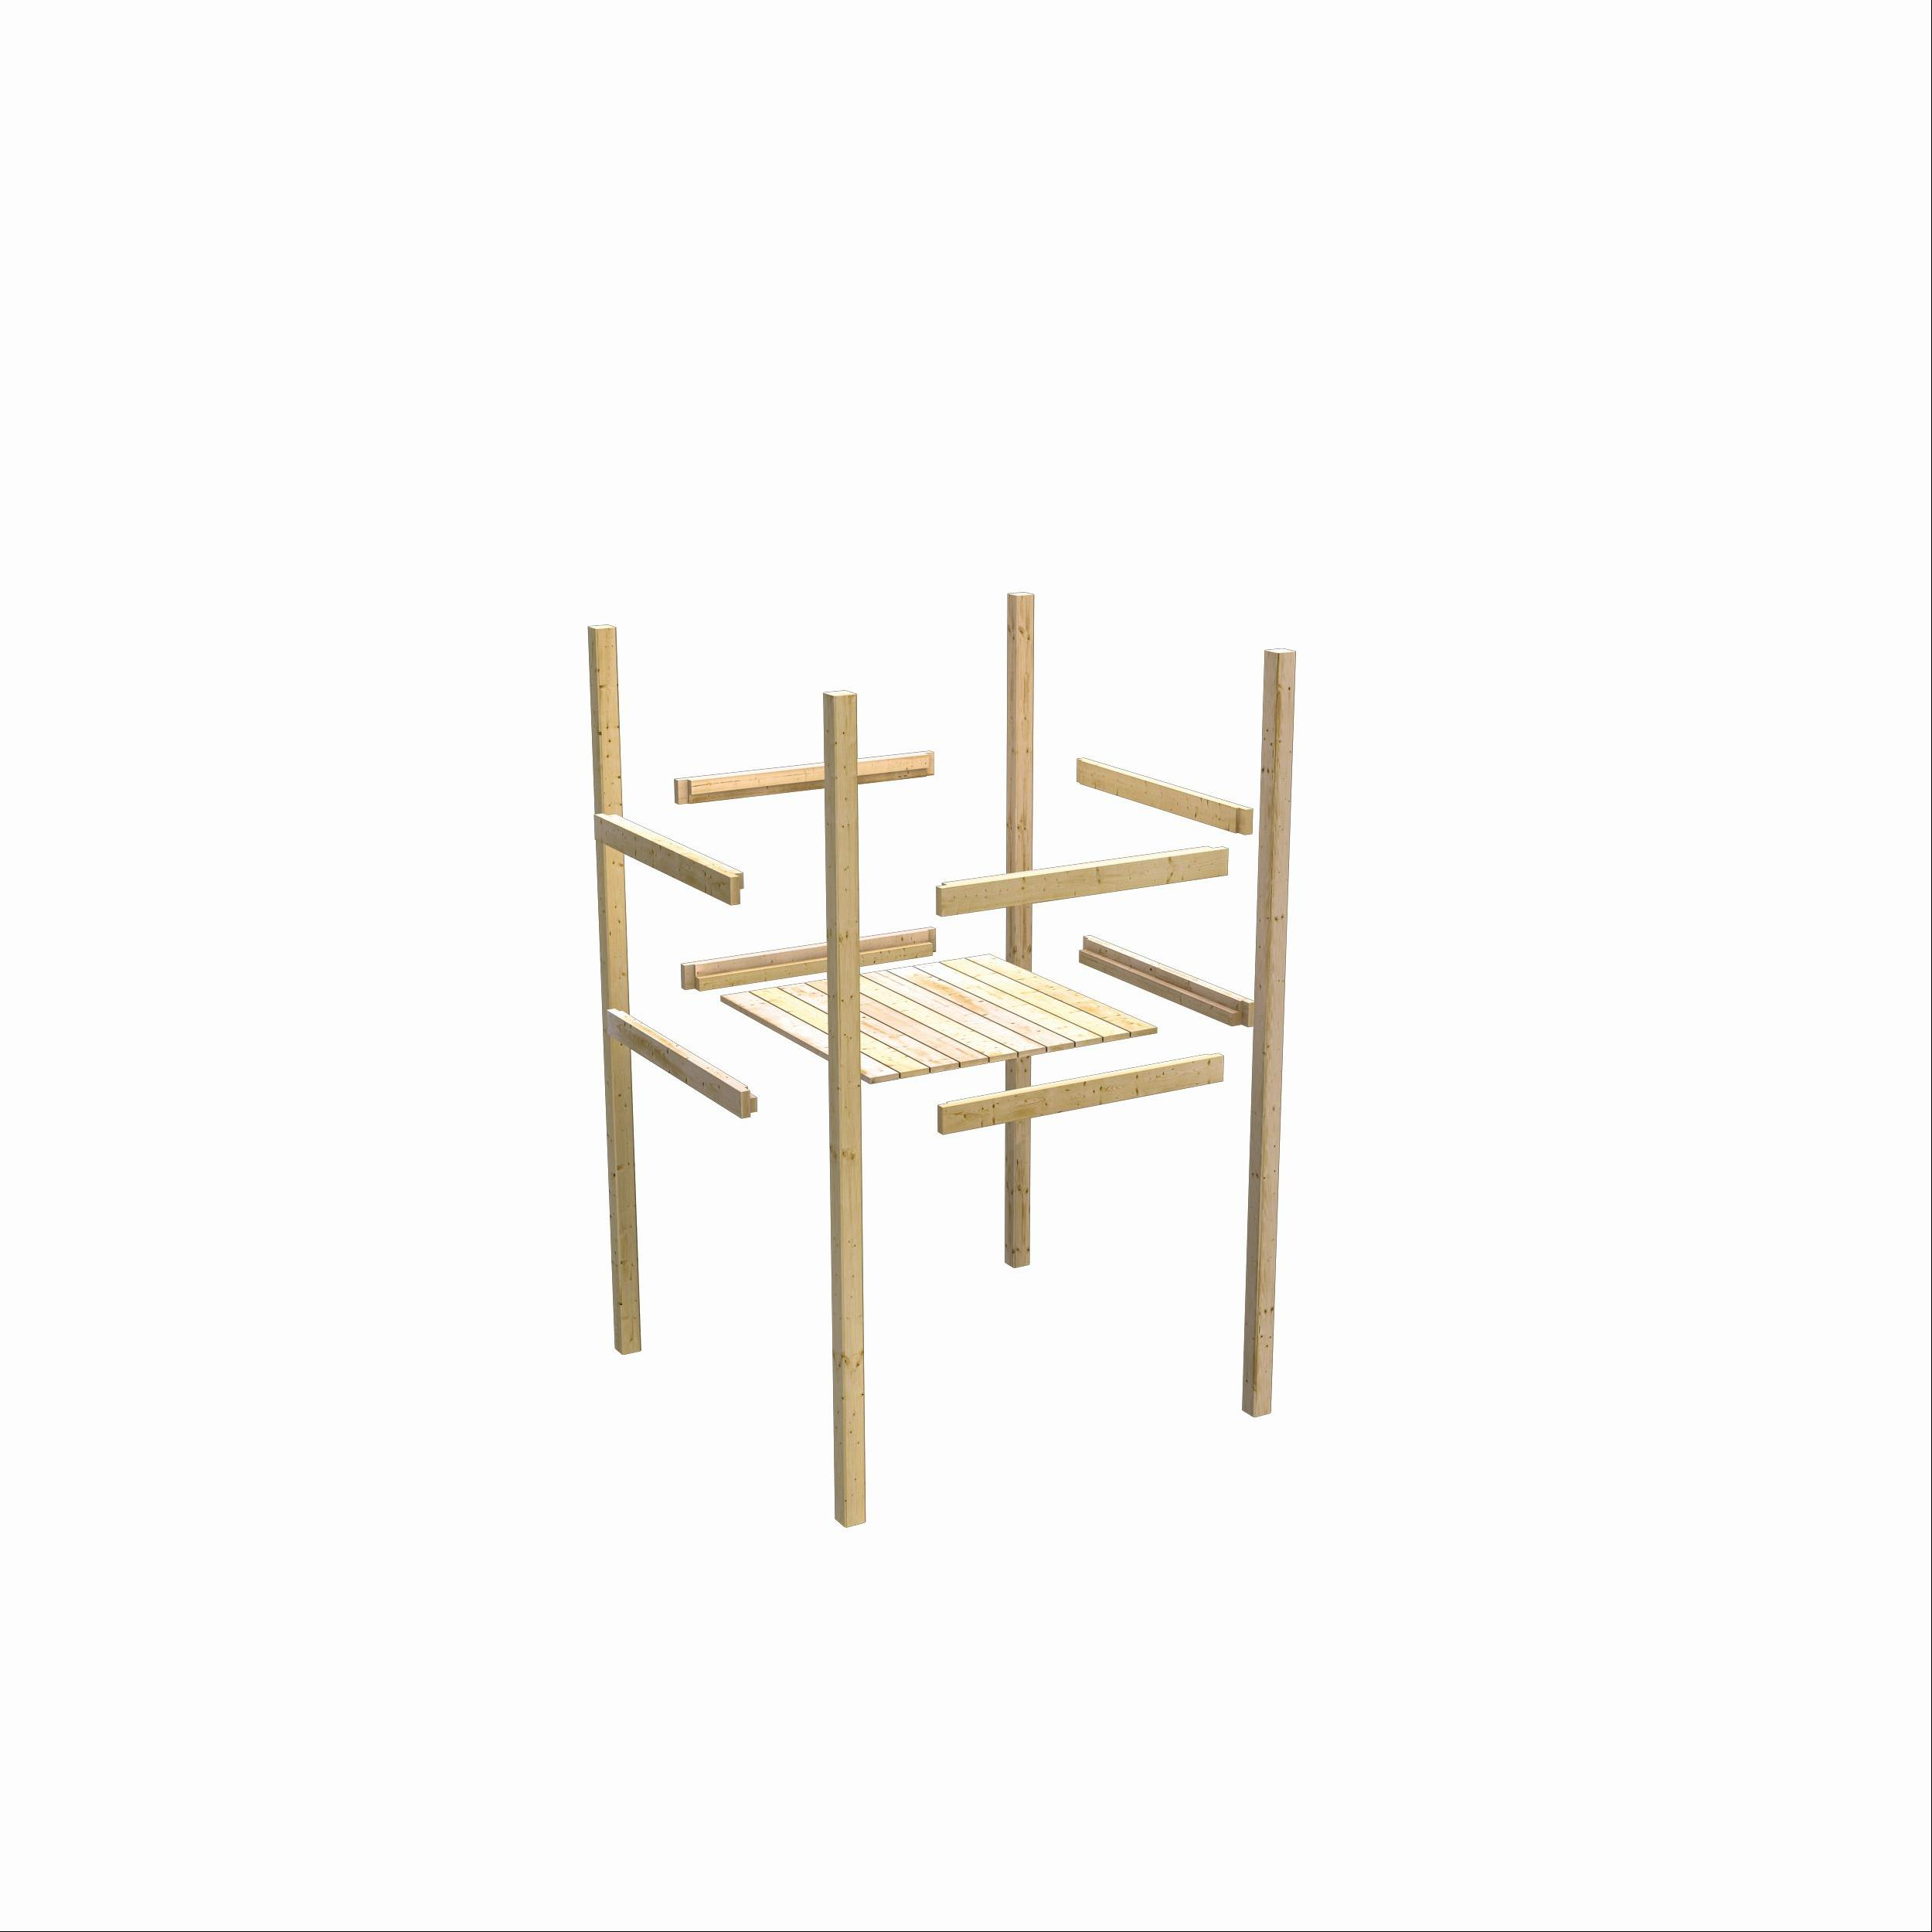 Spielhaus / Spielturm Karibu Akubi Frieda mit Anbau natur 214x214cm Bild 6